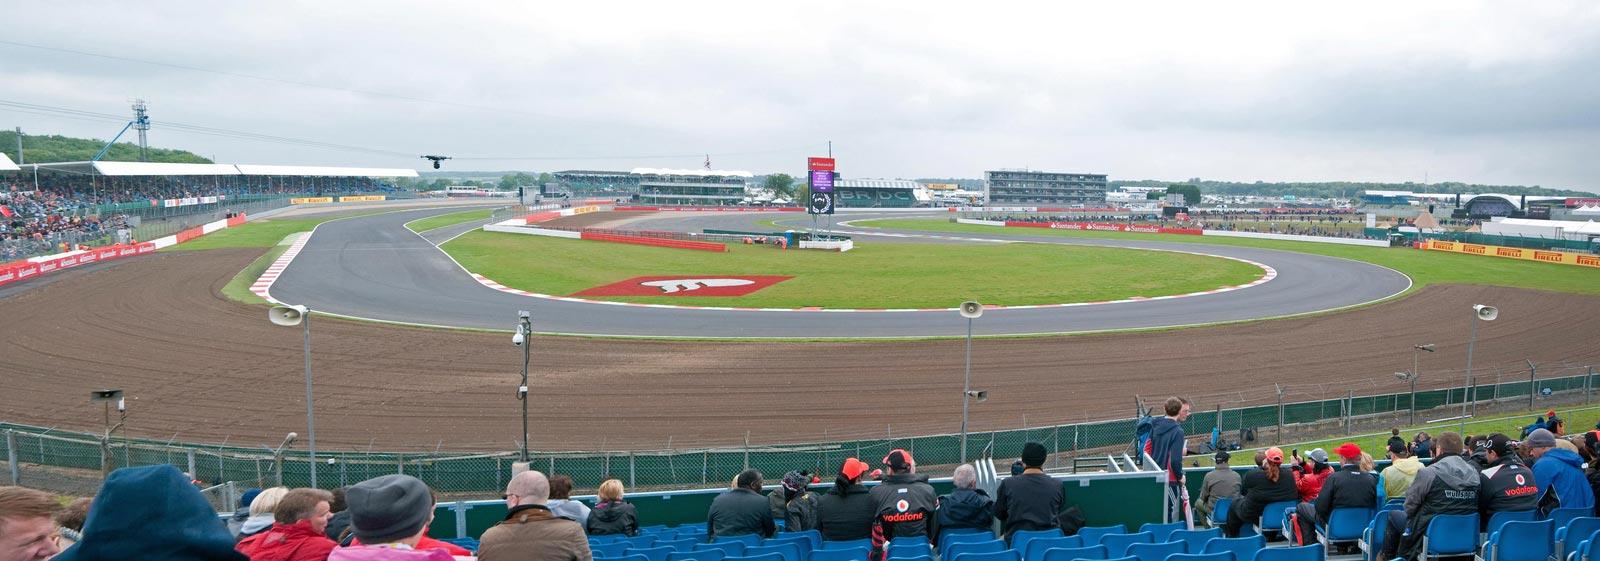 Circuito Silverstone : Duelo de titanes en el circuito de silverstone revista de coches